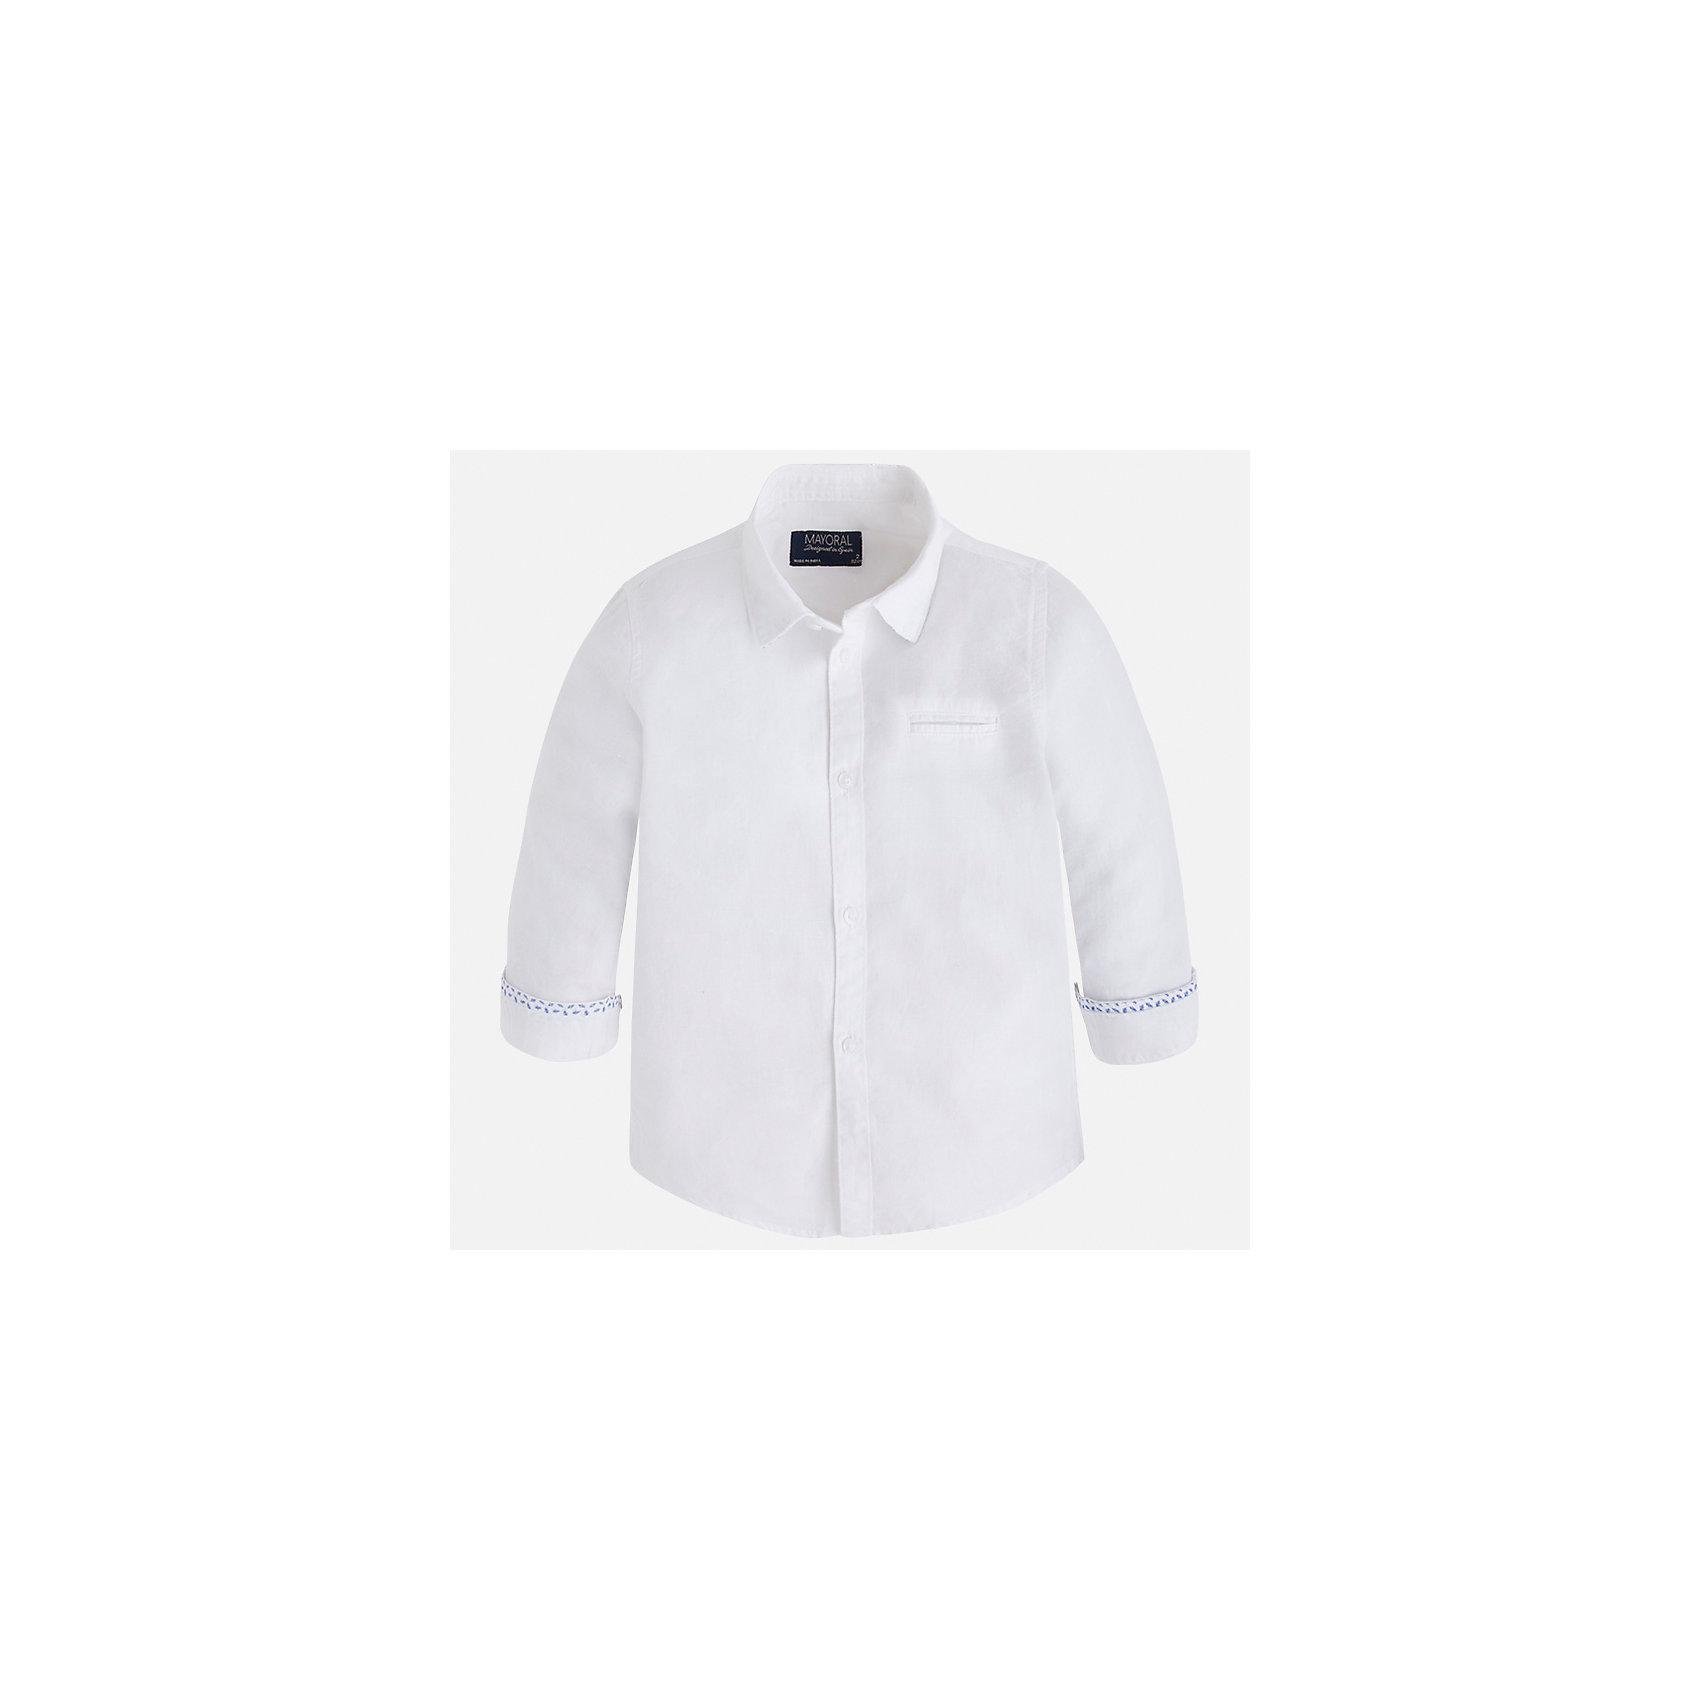 Рубашка для мальчика MayoralБлузки и рубашки<br>Характеристики товара:<br><br>• цвет: белый<br>• состав: 70% хлопок, 30% лен<br>• отложной воротник<br>• рукава с отворотами<br>• застежка: пуговицы<br>• карман на груди<br>• страна бренда: Испания<br><br>Удобная и модная рубашка для мальчика может стать базовой вещью в гардеробе ребенка. Она отлично сочетается с брюками, шортами, джинсами и т.д. Универсальный крой и цвет позволяет подобрать к вещи низ разных расцветок. Практичное и стильное изделие! В составе материала - натуральный хлопок, гипоаллергенный, приятный на ощупь, дышащий.<br><br>Одежда, обувь и аксессуары от испанского бренда Mayoral полюбились детям и взрослым по всему миру. Модели этой марки - стильные и удобные. Для их производства используются только безопасные, качественные материалы и фурнитура. Порадуйте ребенка модными и красивыми вещами от Mayoral! <br><br>Рубашку для мальчика от испанского бренда Mayoral (Майорал) можно купить в нашем интернет-магазине.<br><br>Ширина мм: 174<br>Глубина мм: 10<br>Высота мм: 169<br>Вес г: 157<br>Цвет: белый<br>Возраст от месяцев: 18<br>Возраст до месяцев: 24<br>Пол: Мужской<br>Возраст: Детский<br>Размер: 92,134,128,122,116,110,104,98<br>SKU: 5277722